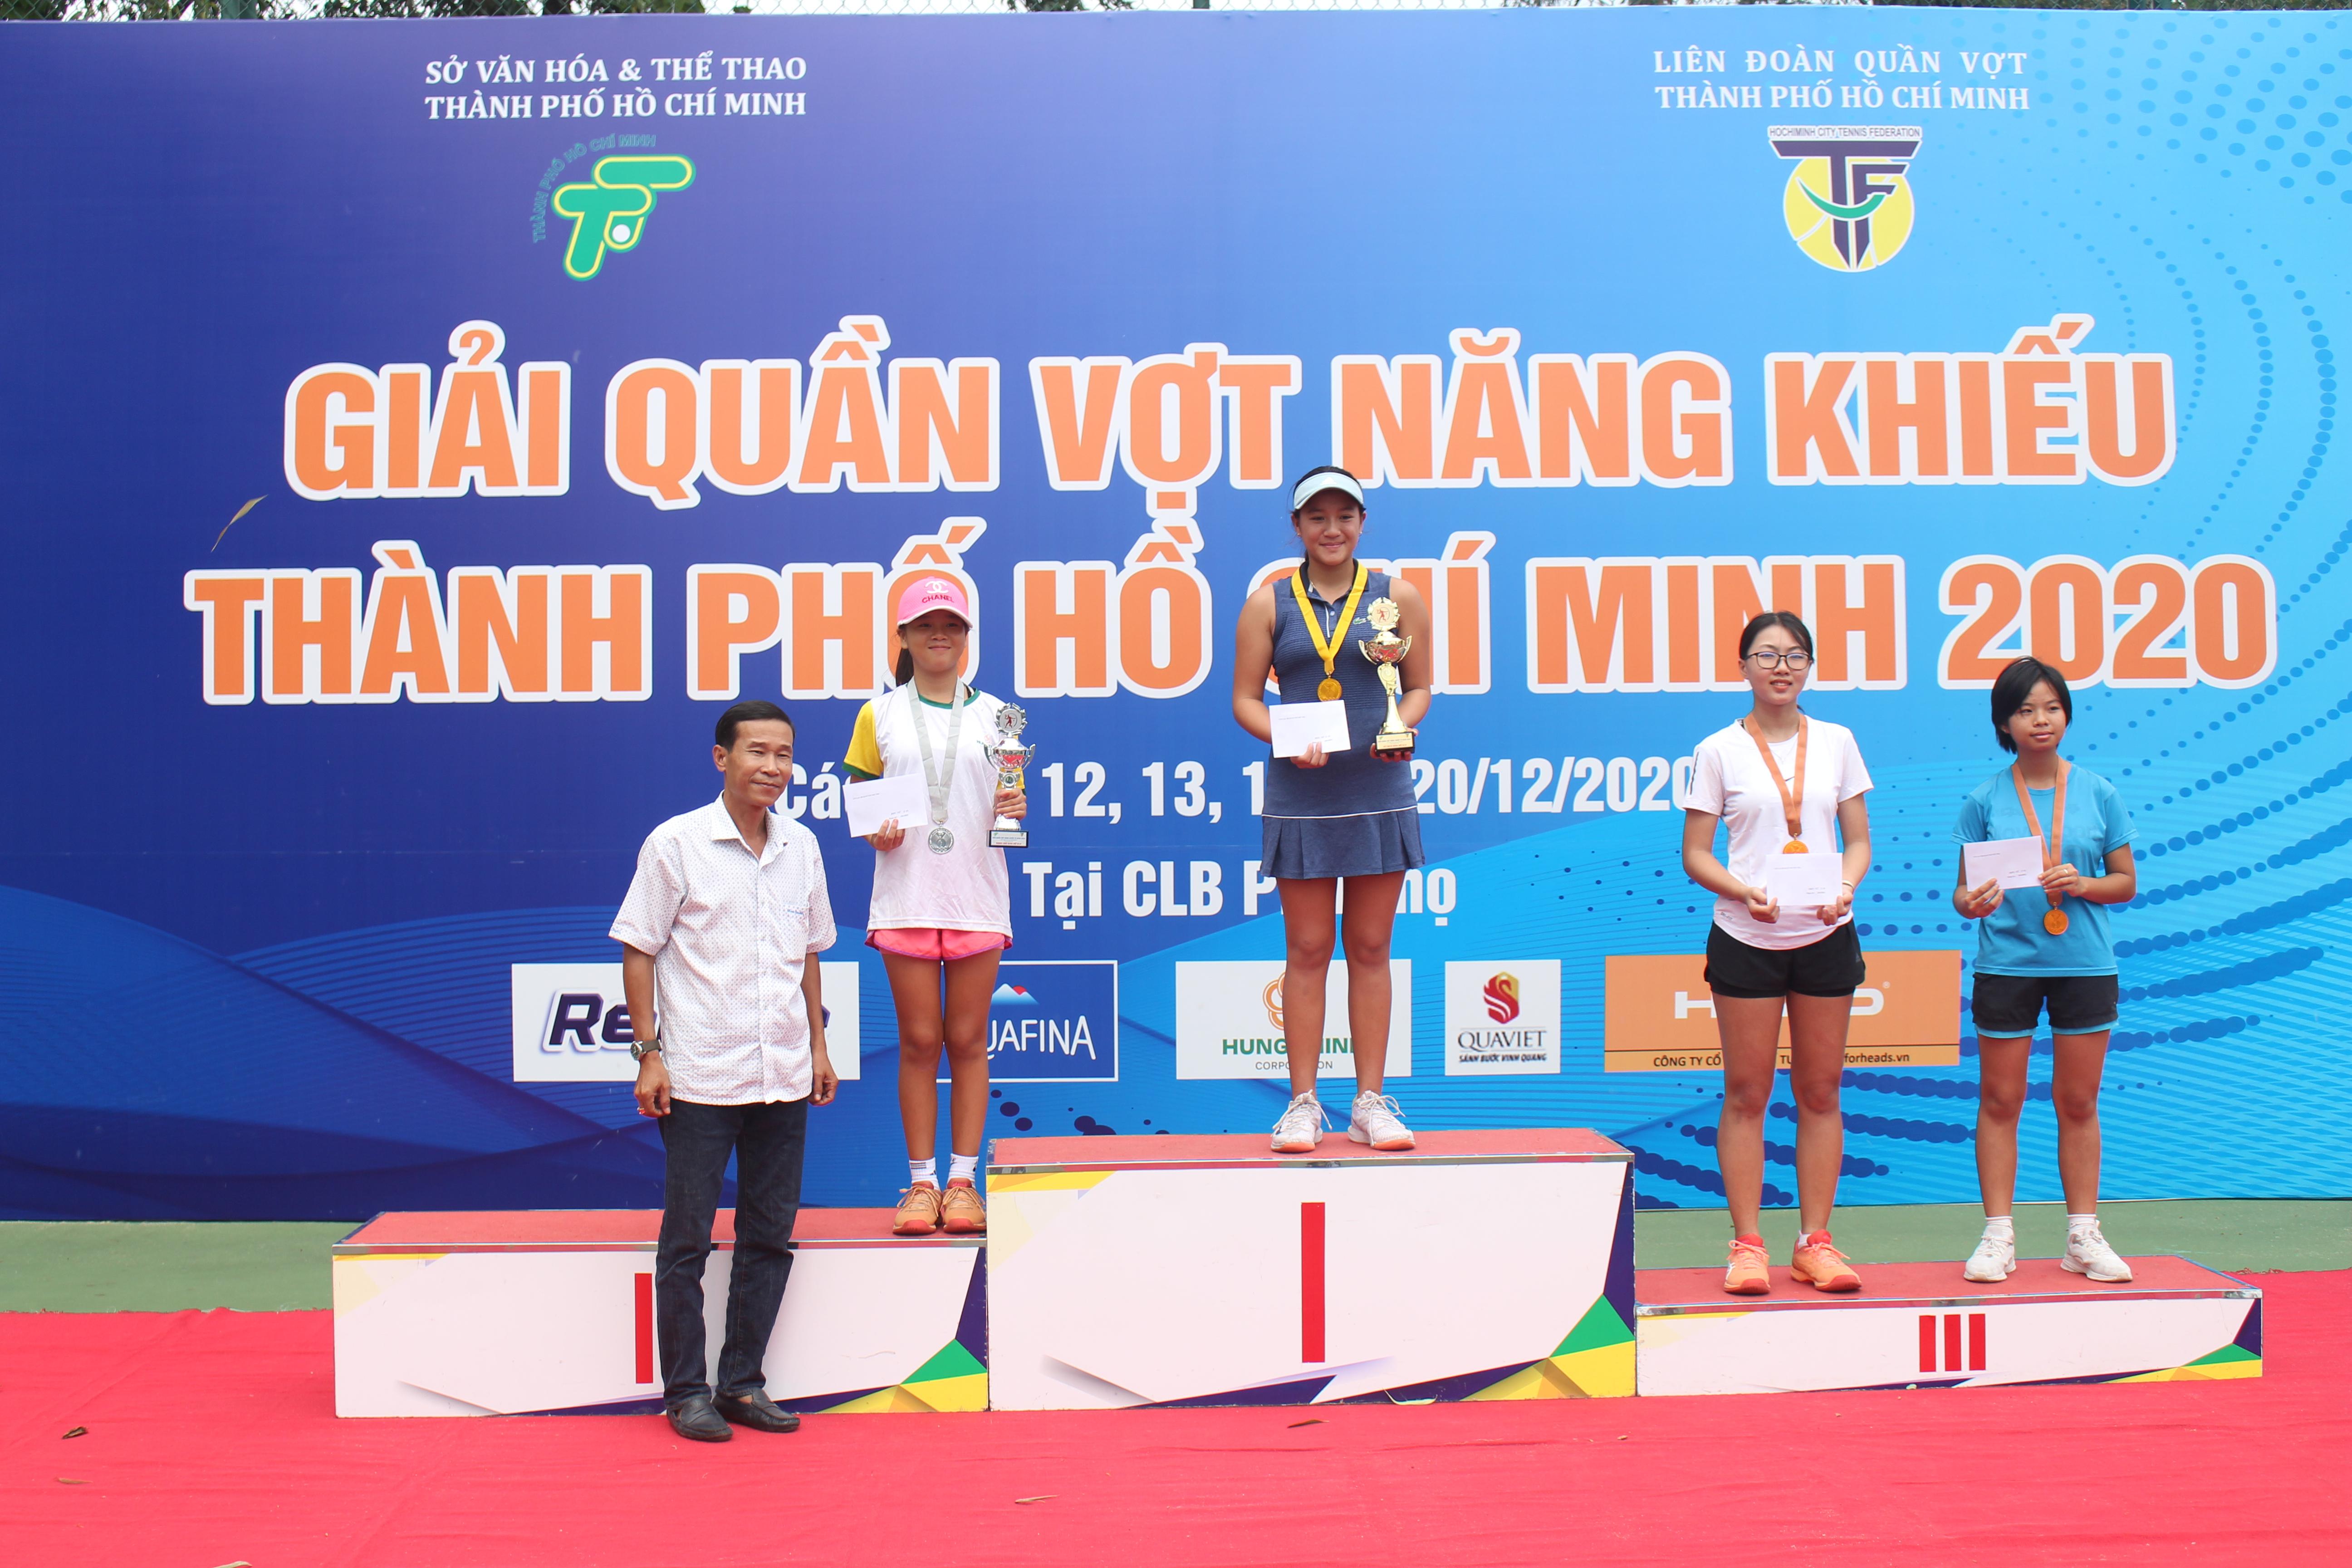 Hình ảnh: Quận 6 nhất toàn đoàn giải quần vợt năng khiếu TP.HCM 2020 số 1